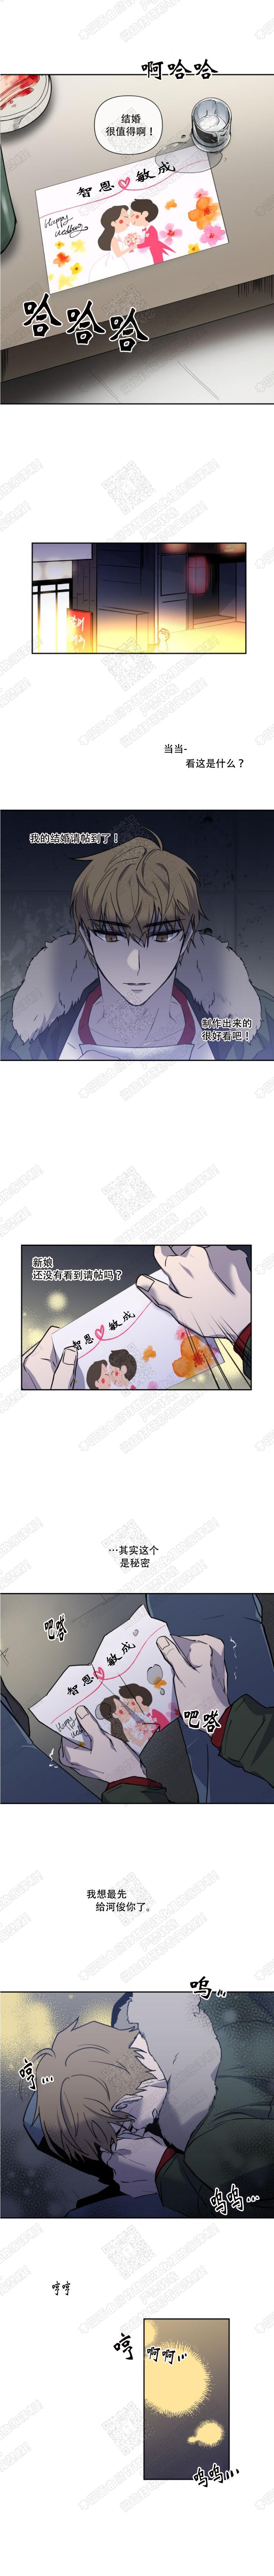 韩漫  《XX搭档》暗恋对象结婚后,和冰山学长成了p友!  第3张